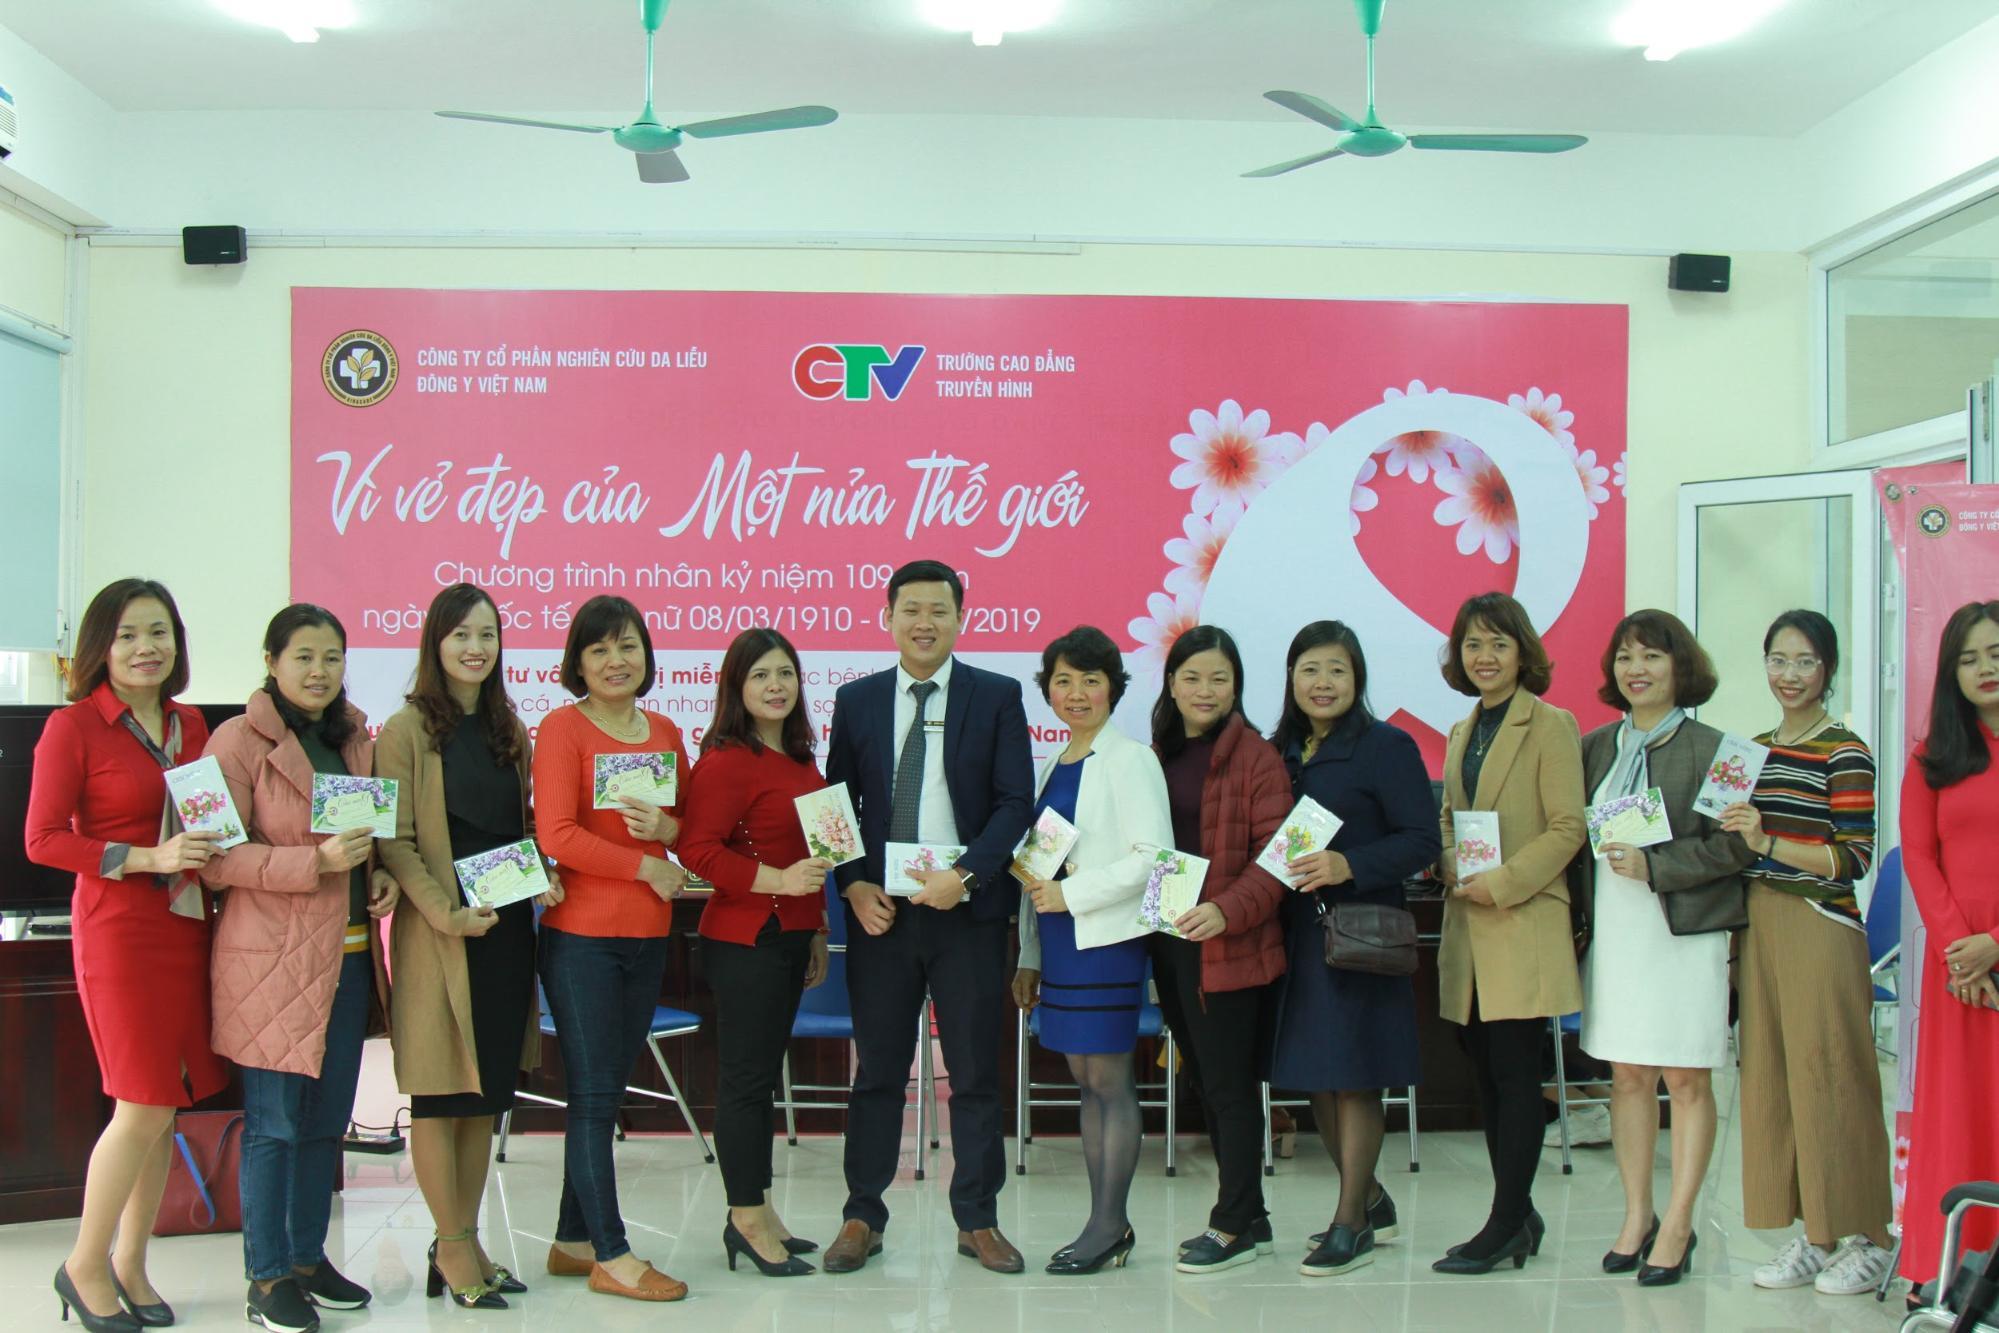 Ông Nguyễn Thành Long tặng thẻ chăm sóc da cao cấp cho nữ cán bộ Cao đẳng truyền hình